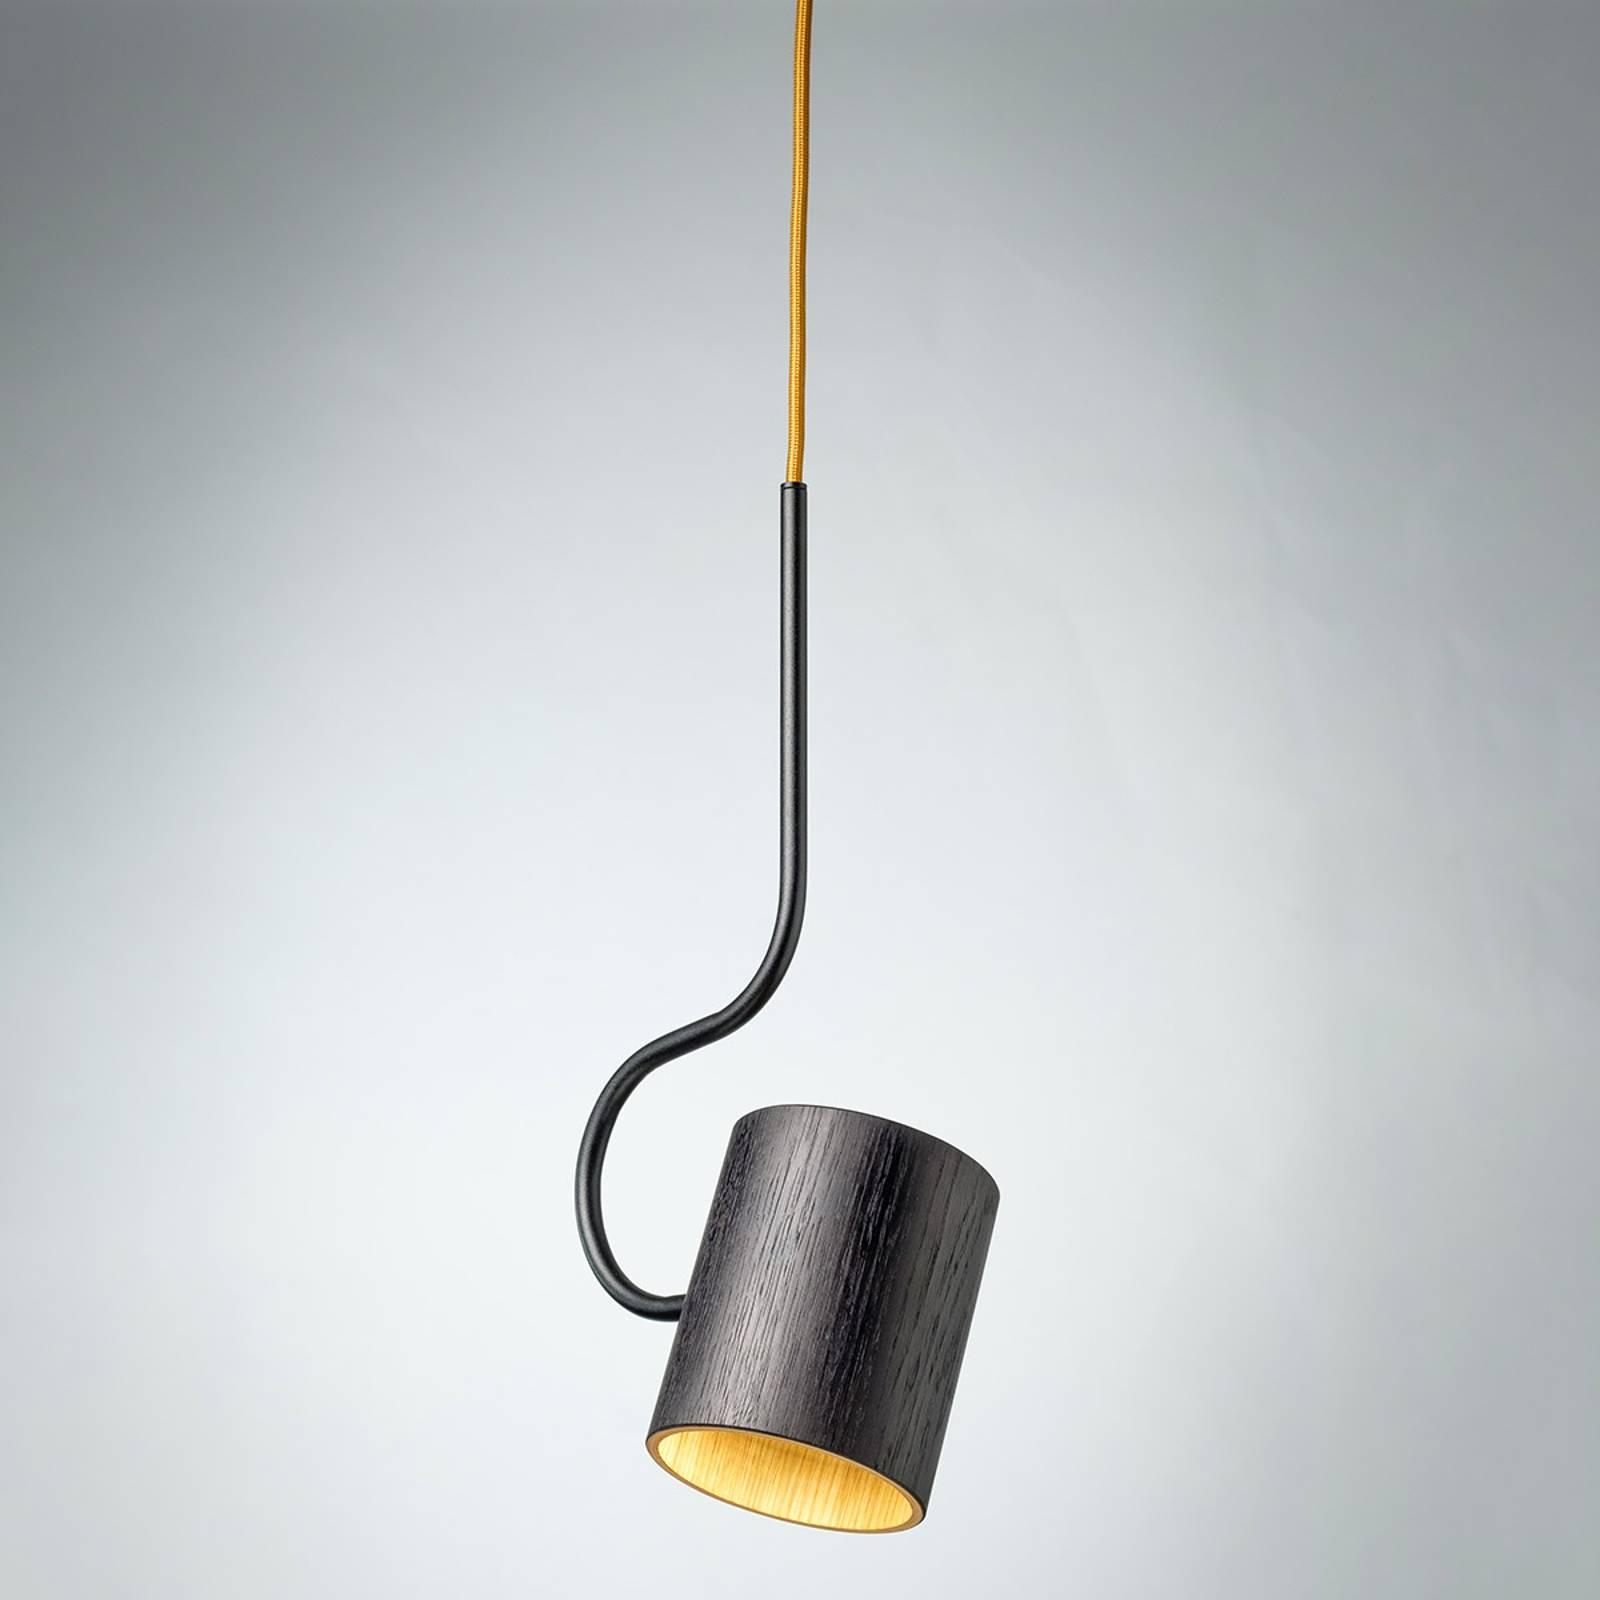 Hängeleuchte Bocal mit Holzschirm günstig online kaufen